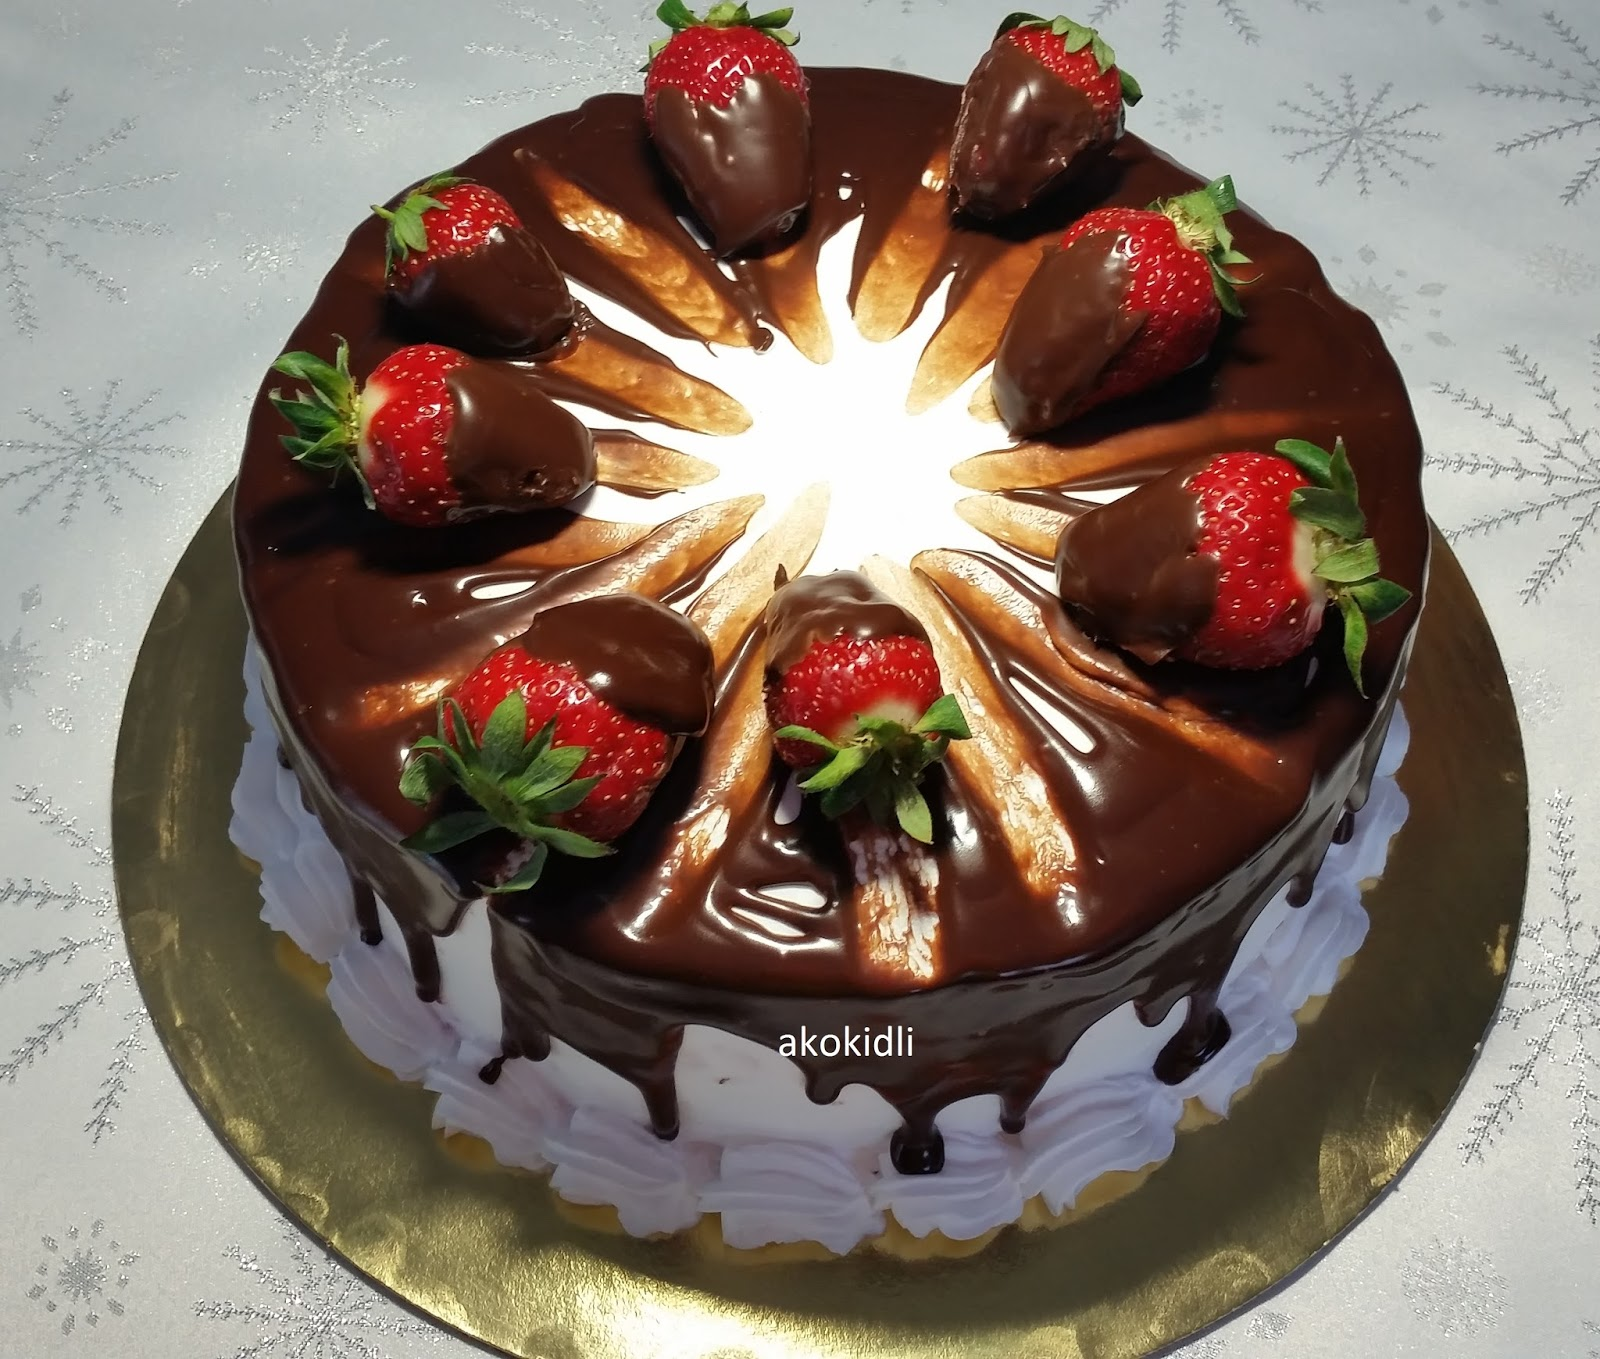 szülinapi torta díszítések akokidli tortái és .: Feketeerdő  Torta férjem 54. szülinapjára szülinapi torta díszítések